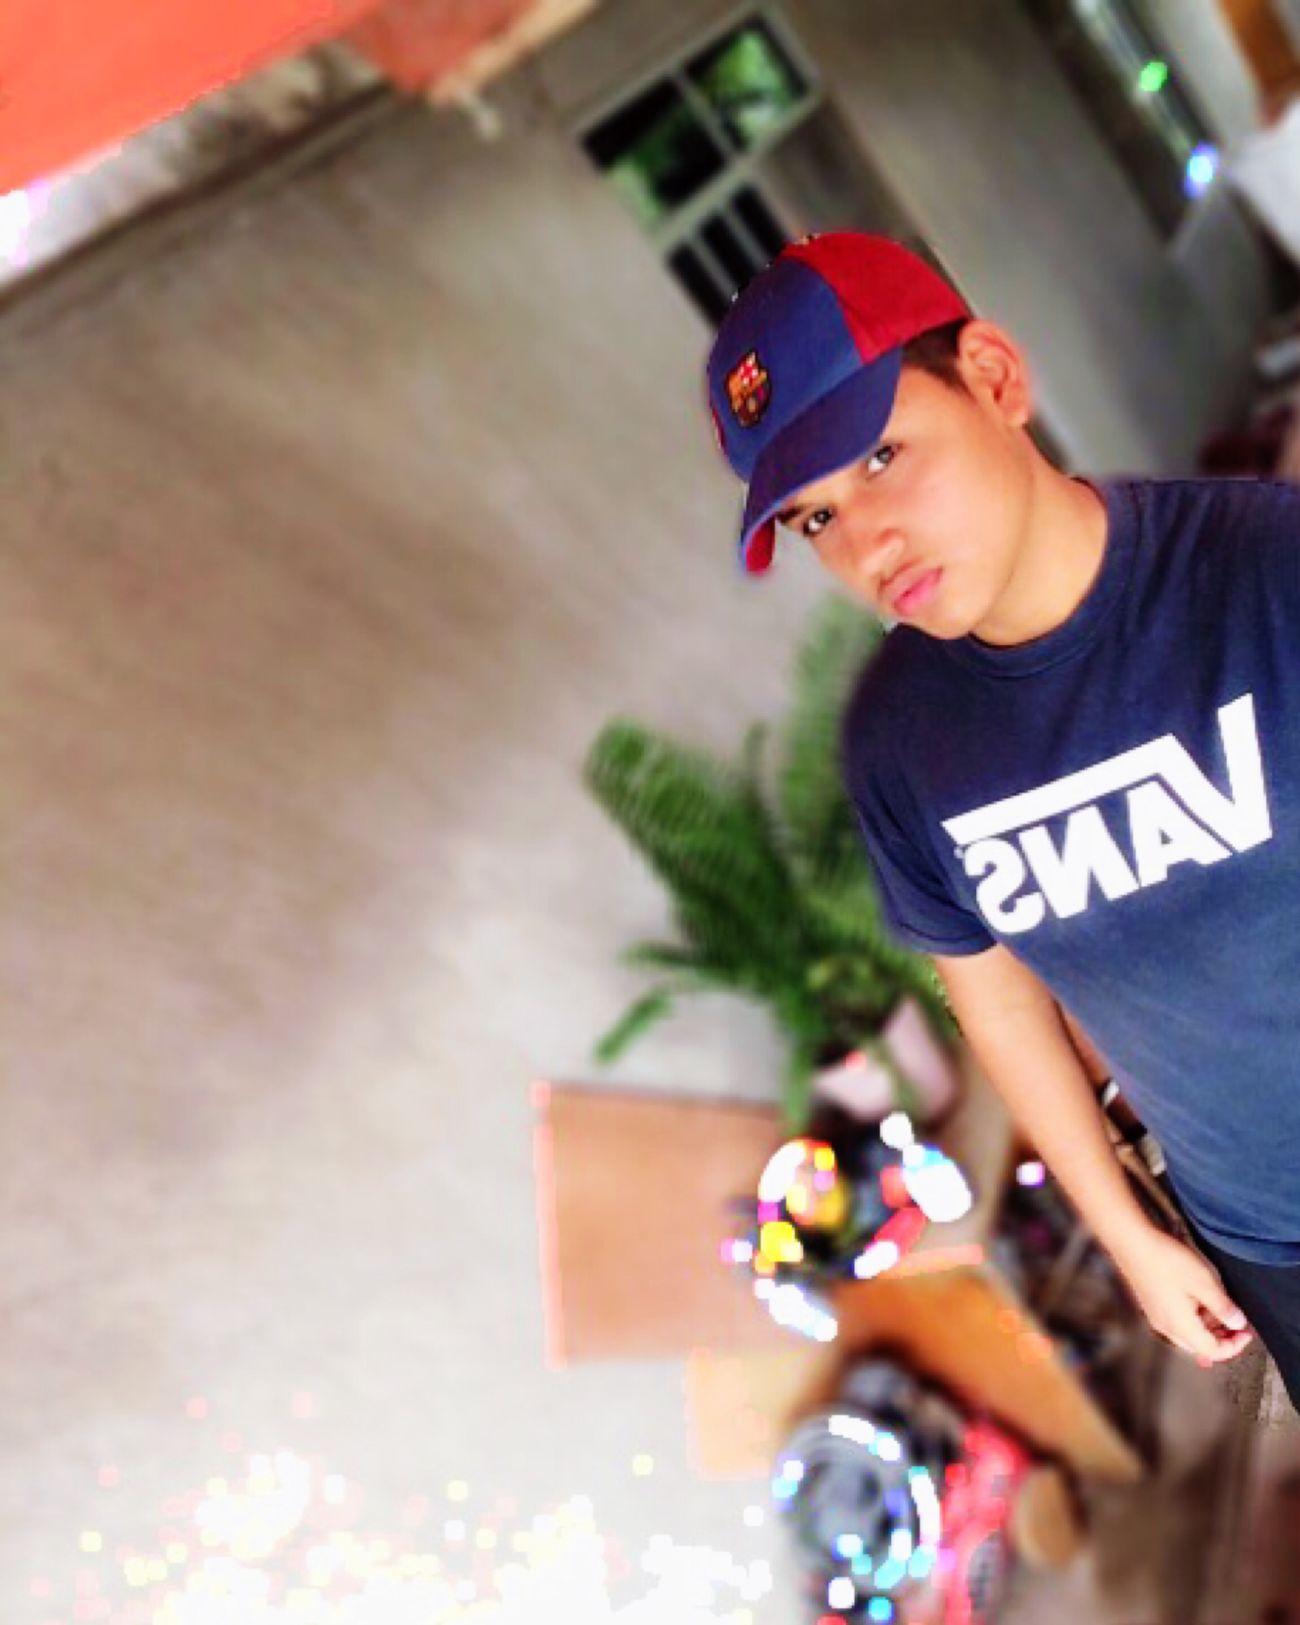 Hipster Happy :) Followme That's Me WilverGomez Handsome Boy Today's Hot Look Handsome😍 Selfie ✌ Todays Selfie